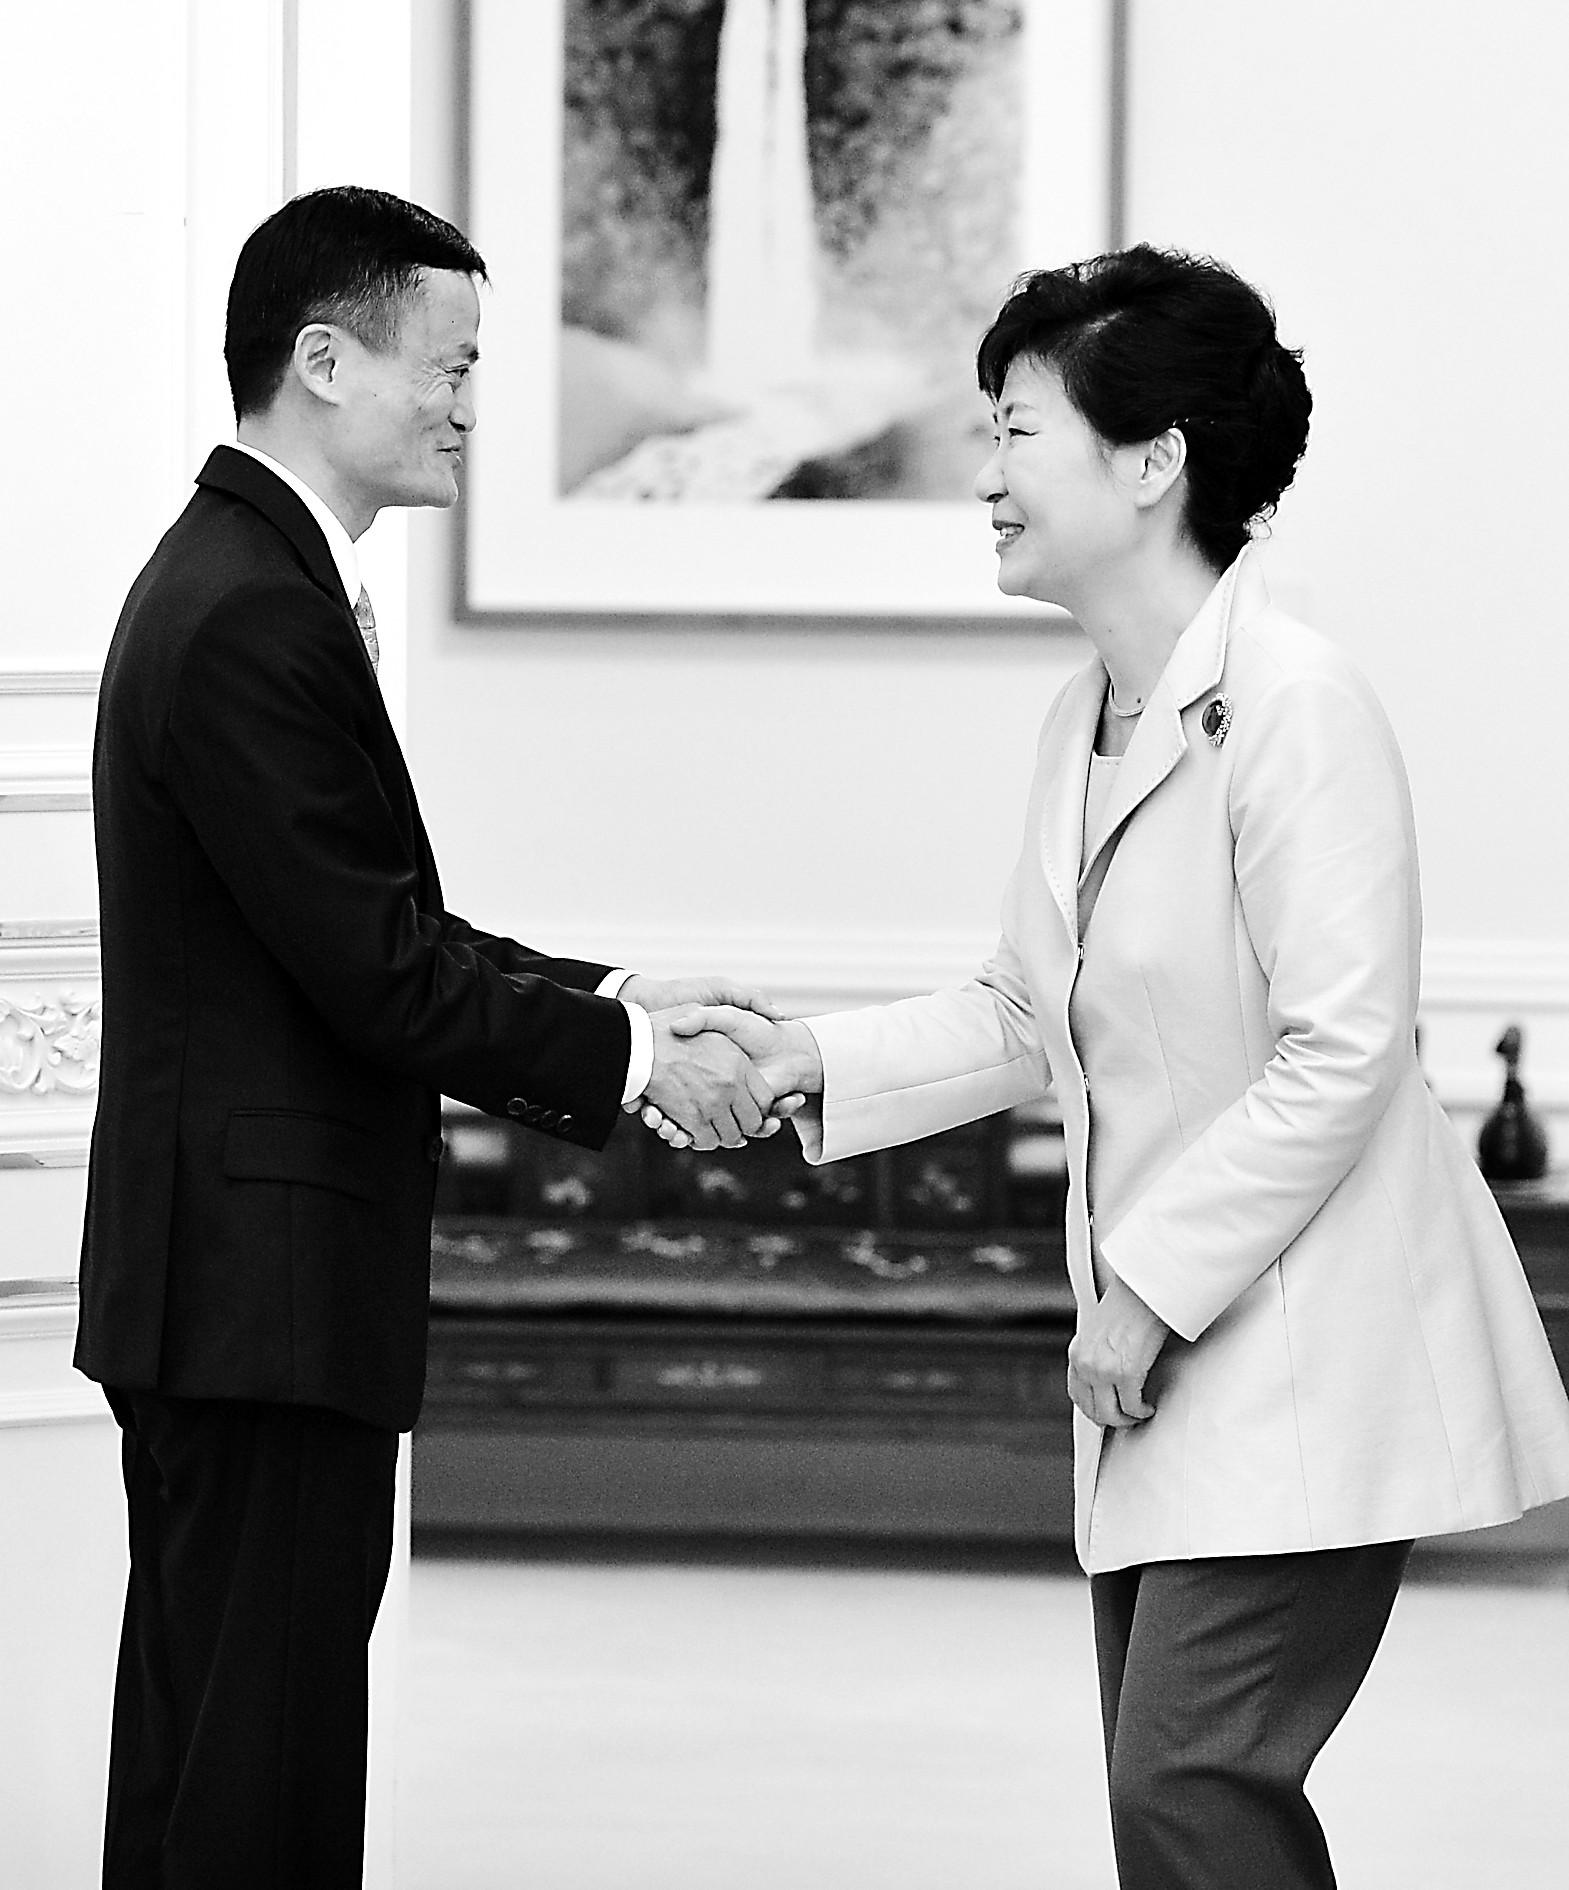 朴槿惠单独见马云谈合作 天猫将对接韩电商公司